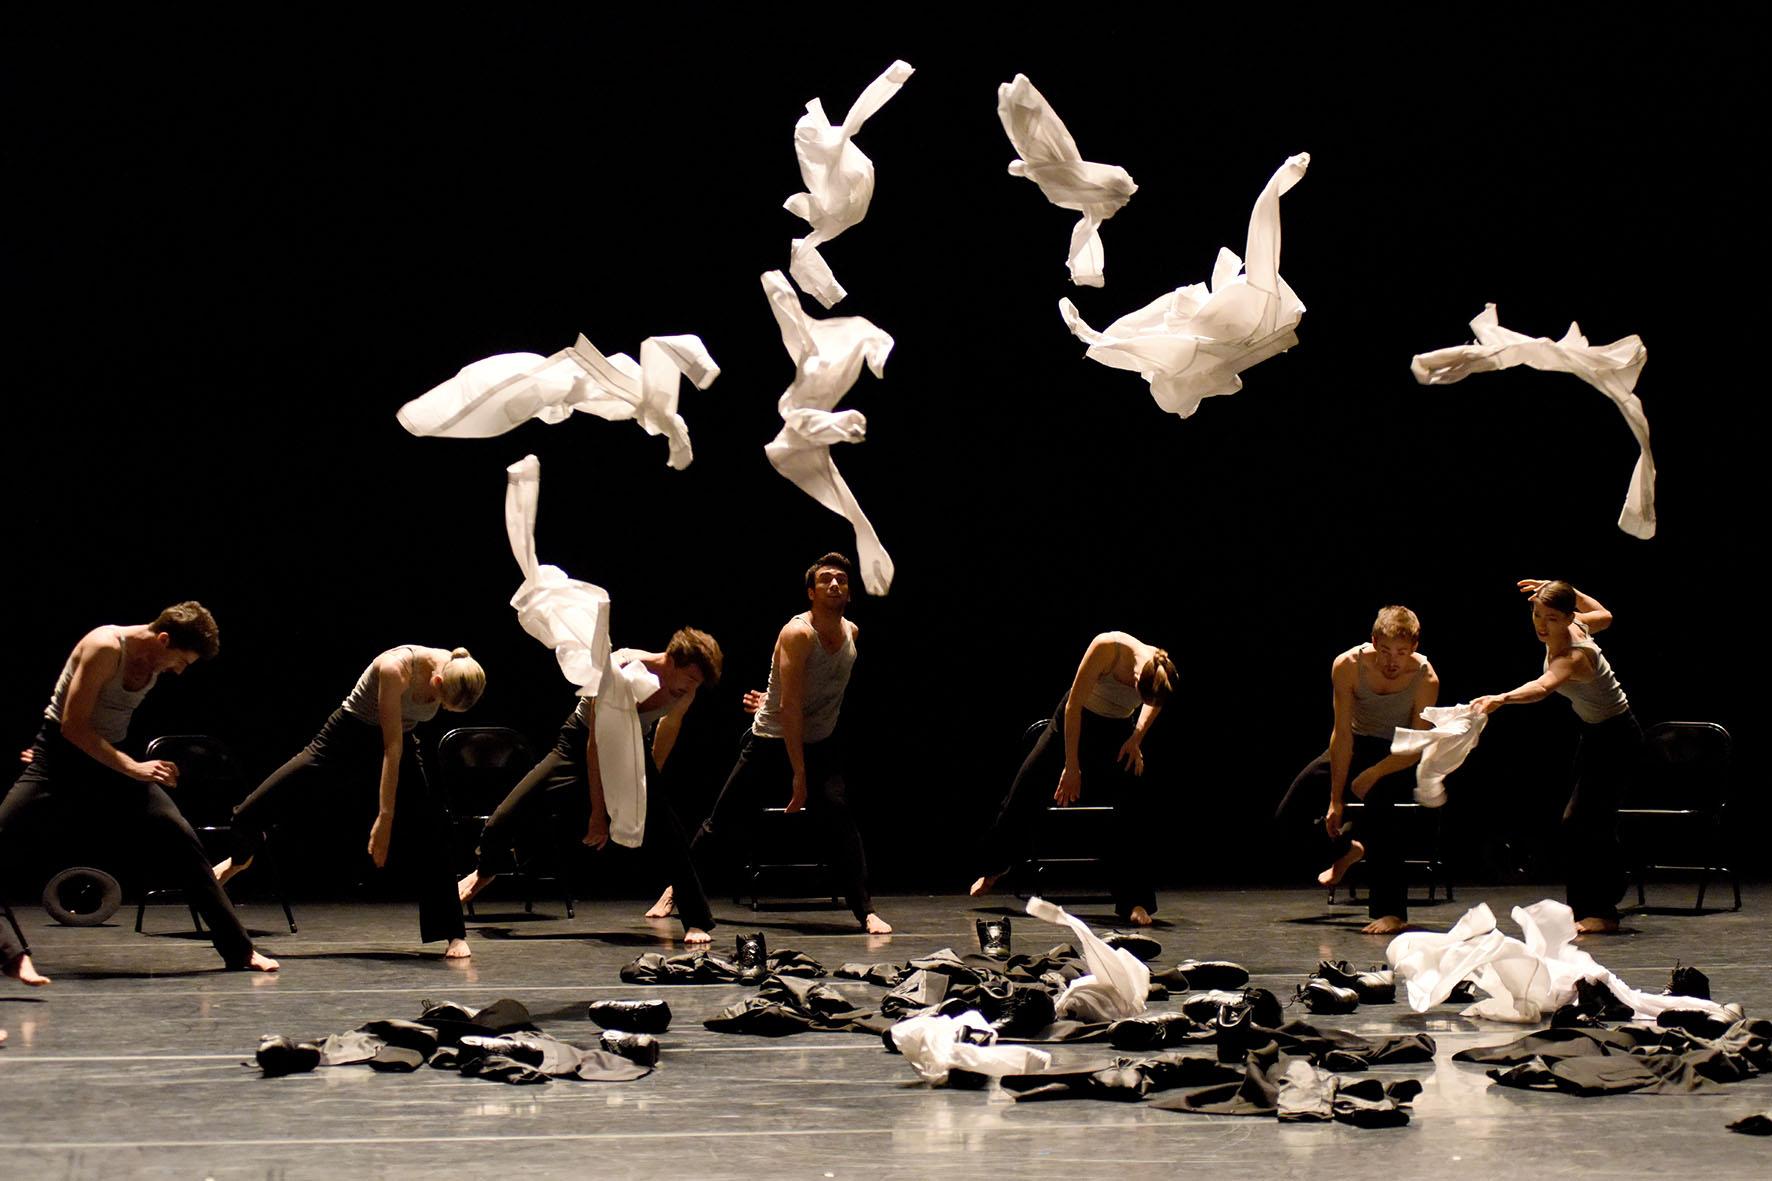 TORINODANZA FESTIVAL 2017 SI CHIUDE CON IL DEBUTTO IN PRIMA ITALIANA DELLA COMPAGNIA TEDESCA GAUTHIER DANCE COMPANY CON TRE PEZZI DEI COREOGRAFI HOFESH SHECHTER, SHARON EYAL E GAI BEHAR, OHAD NAHARIN